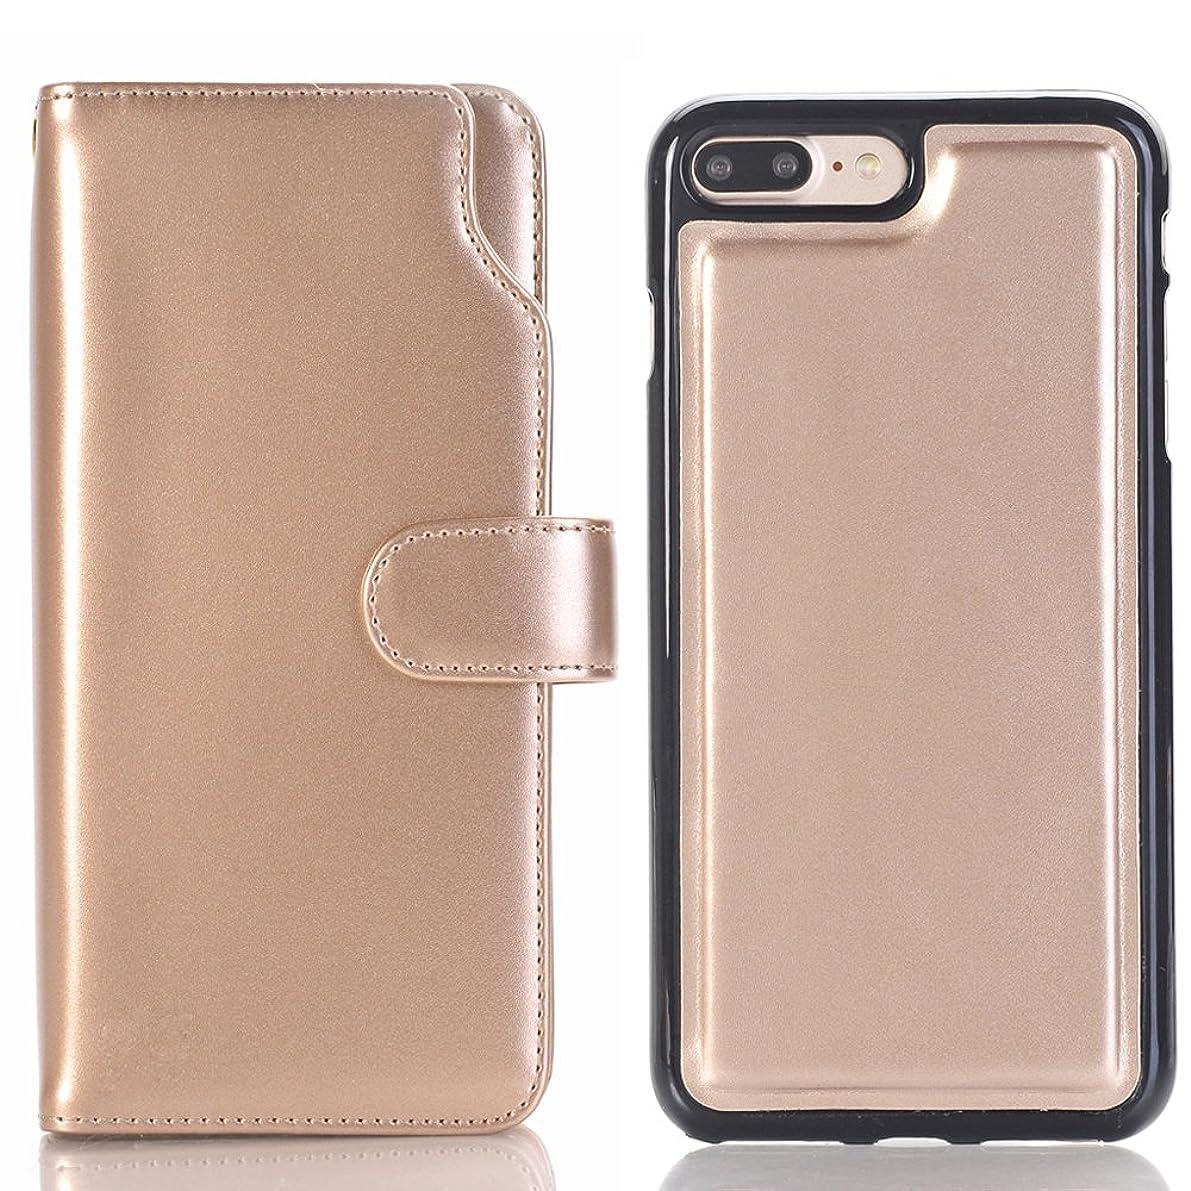 消毒剤パンフレットカセットiPhone 6 Plus ケース 分離可能、SIMPLE DO 良質レザー おしゃれデザイン カード収納 傷つけ防止 業務用(ゴールド)